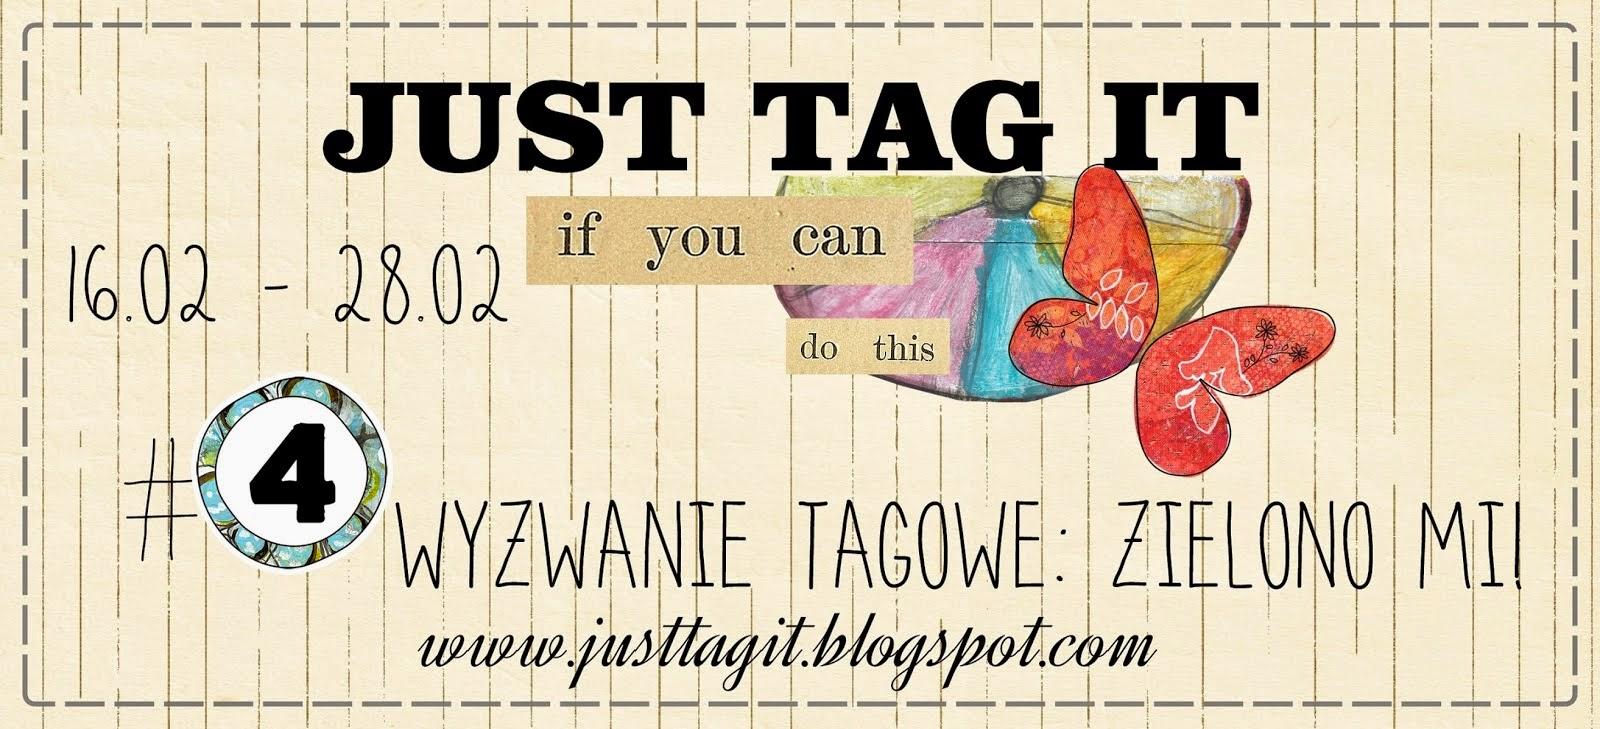 http://justtagit.blogspot.com/2015/02/4-wyzwanie-tagowe-zielono-mi.html